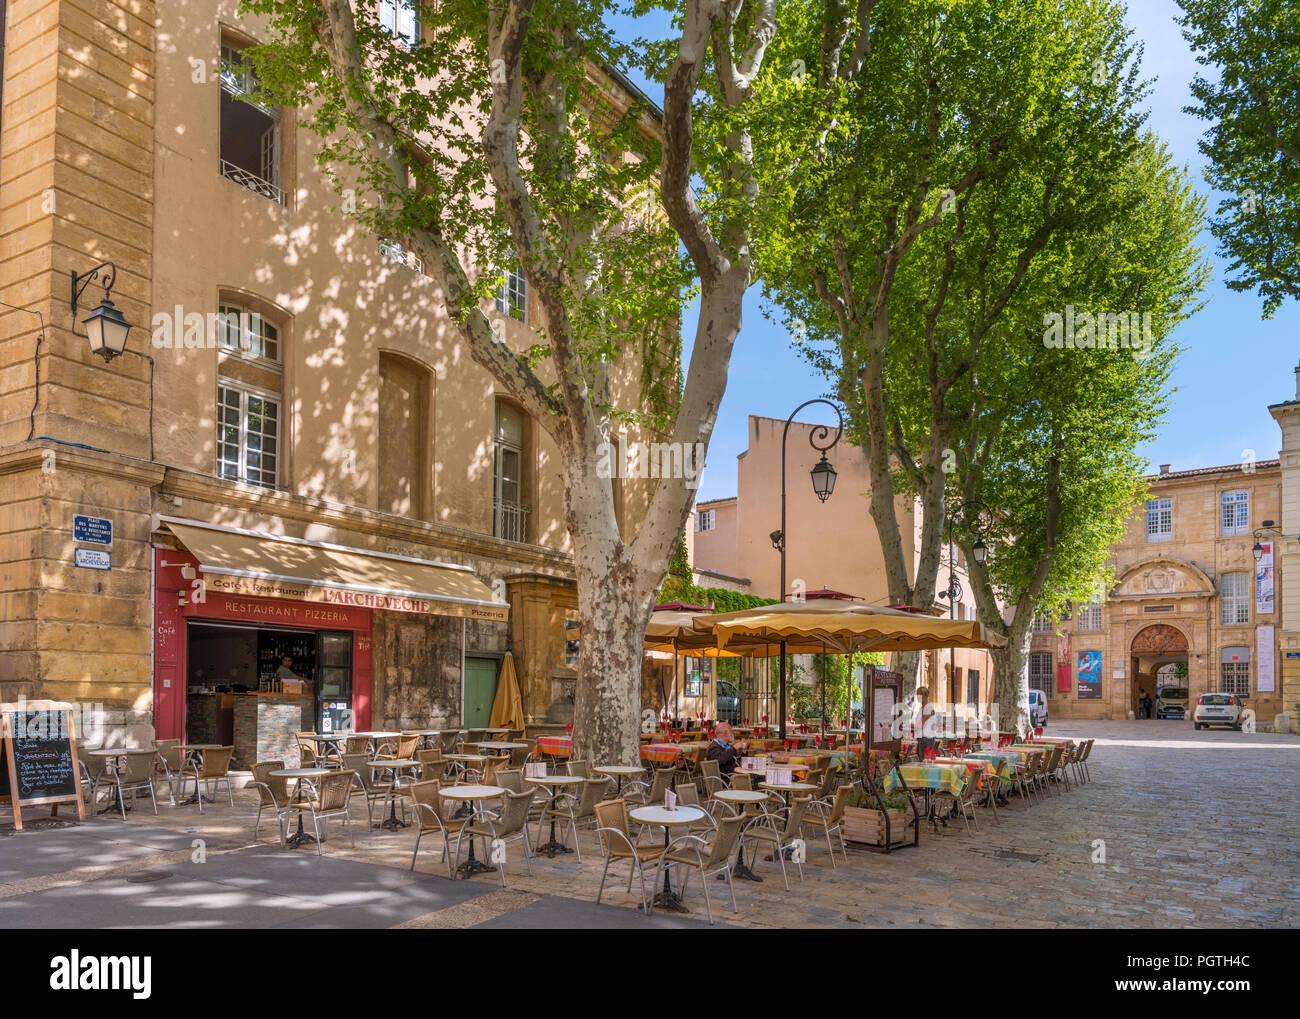 Aix en Provence, cafe. L'Archeveche ristorante/caffetteria sulla Place des Martyrs de la resistenza, Aix-en-Provence, Provenza, Francia Immagini Stock